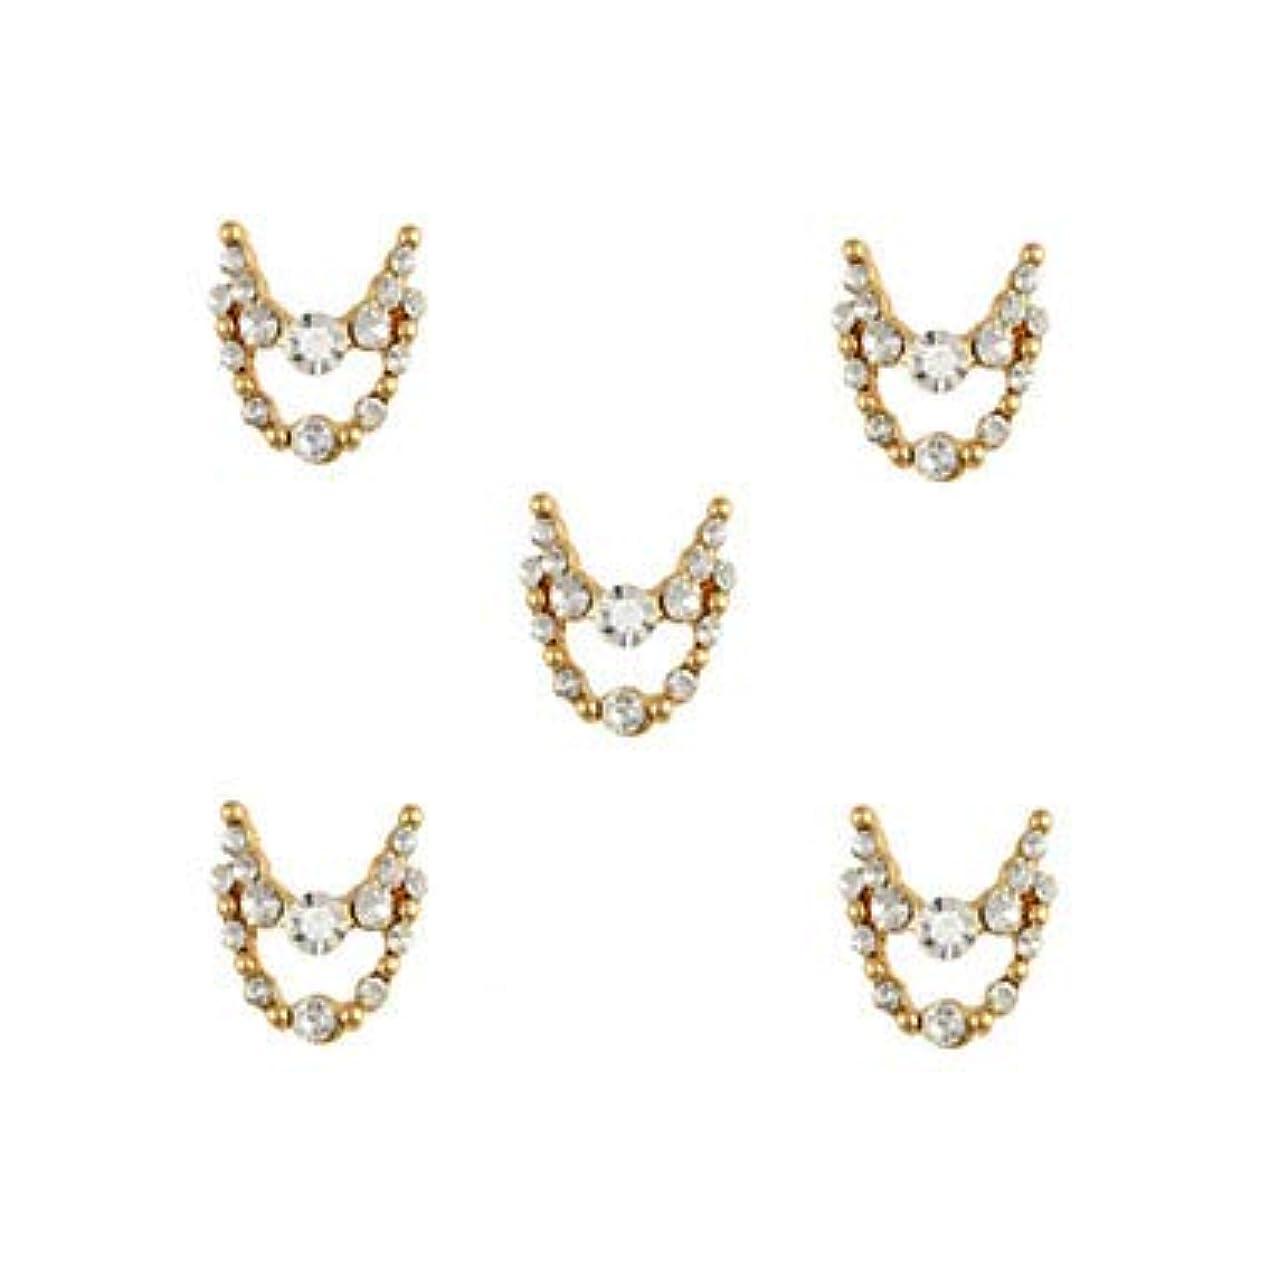 ロシアゴミ弾性明確なラインストーン3dチャーム合金ネイルアートの装飾が付いている10個入りゴールドネックレスブラブラ